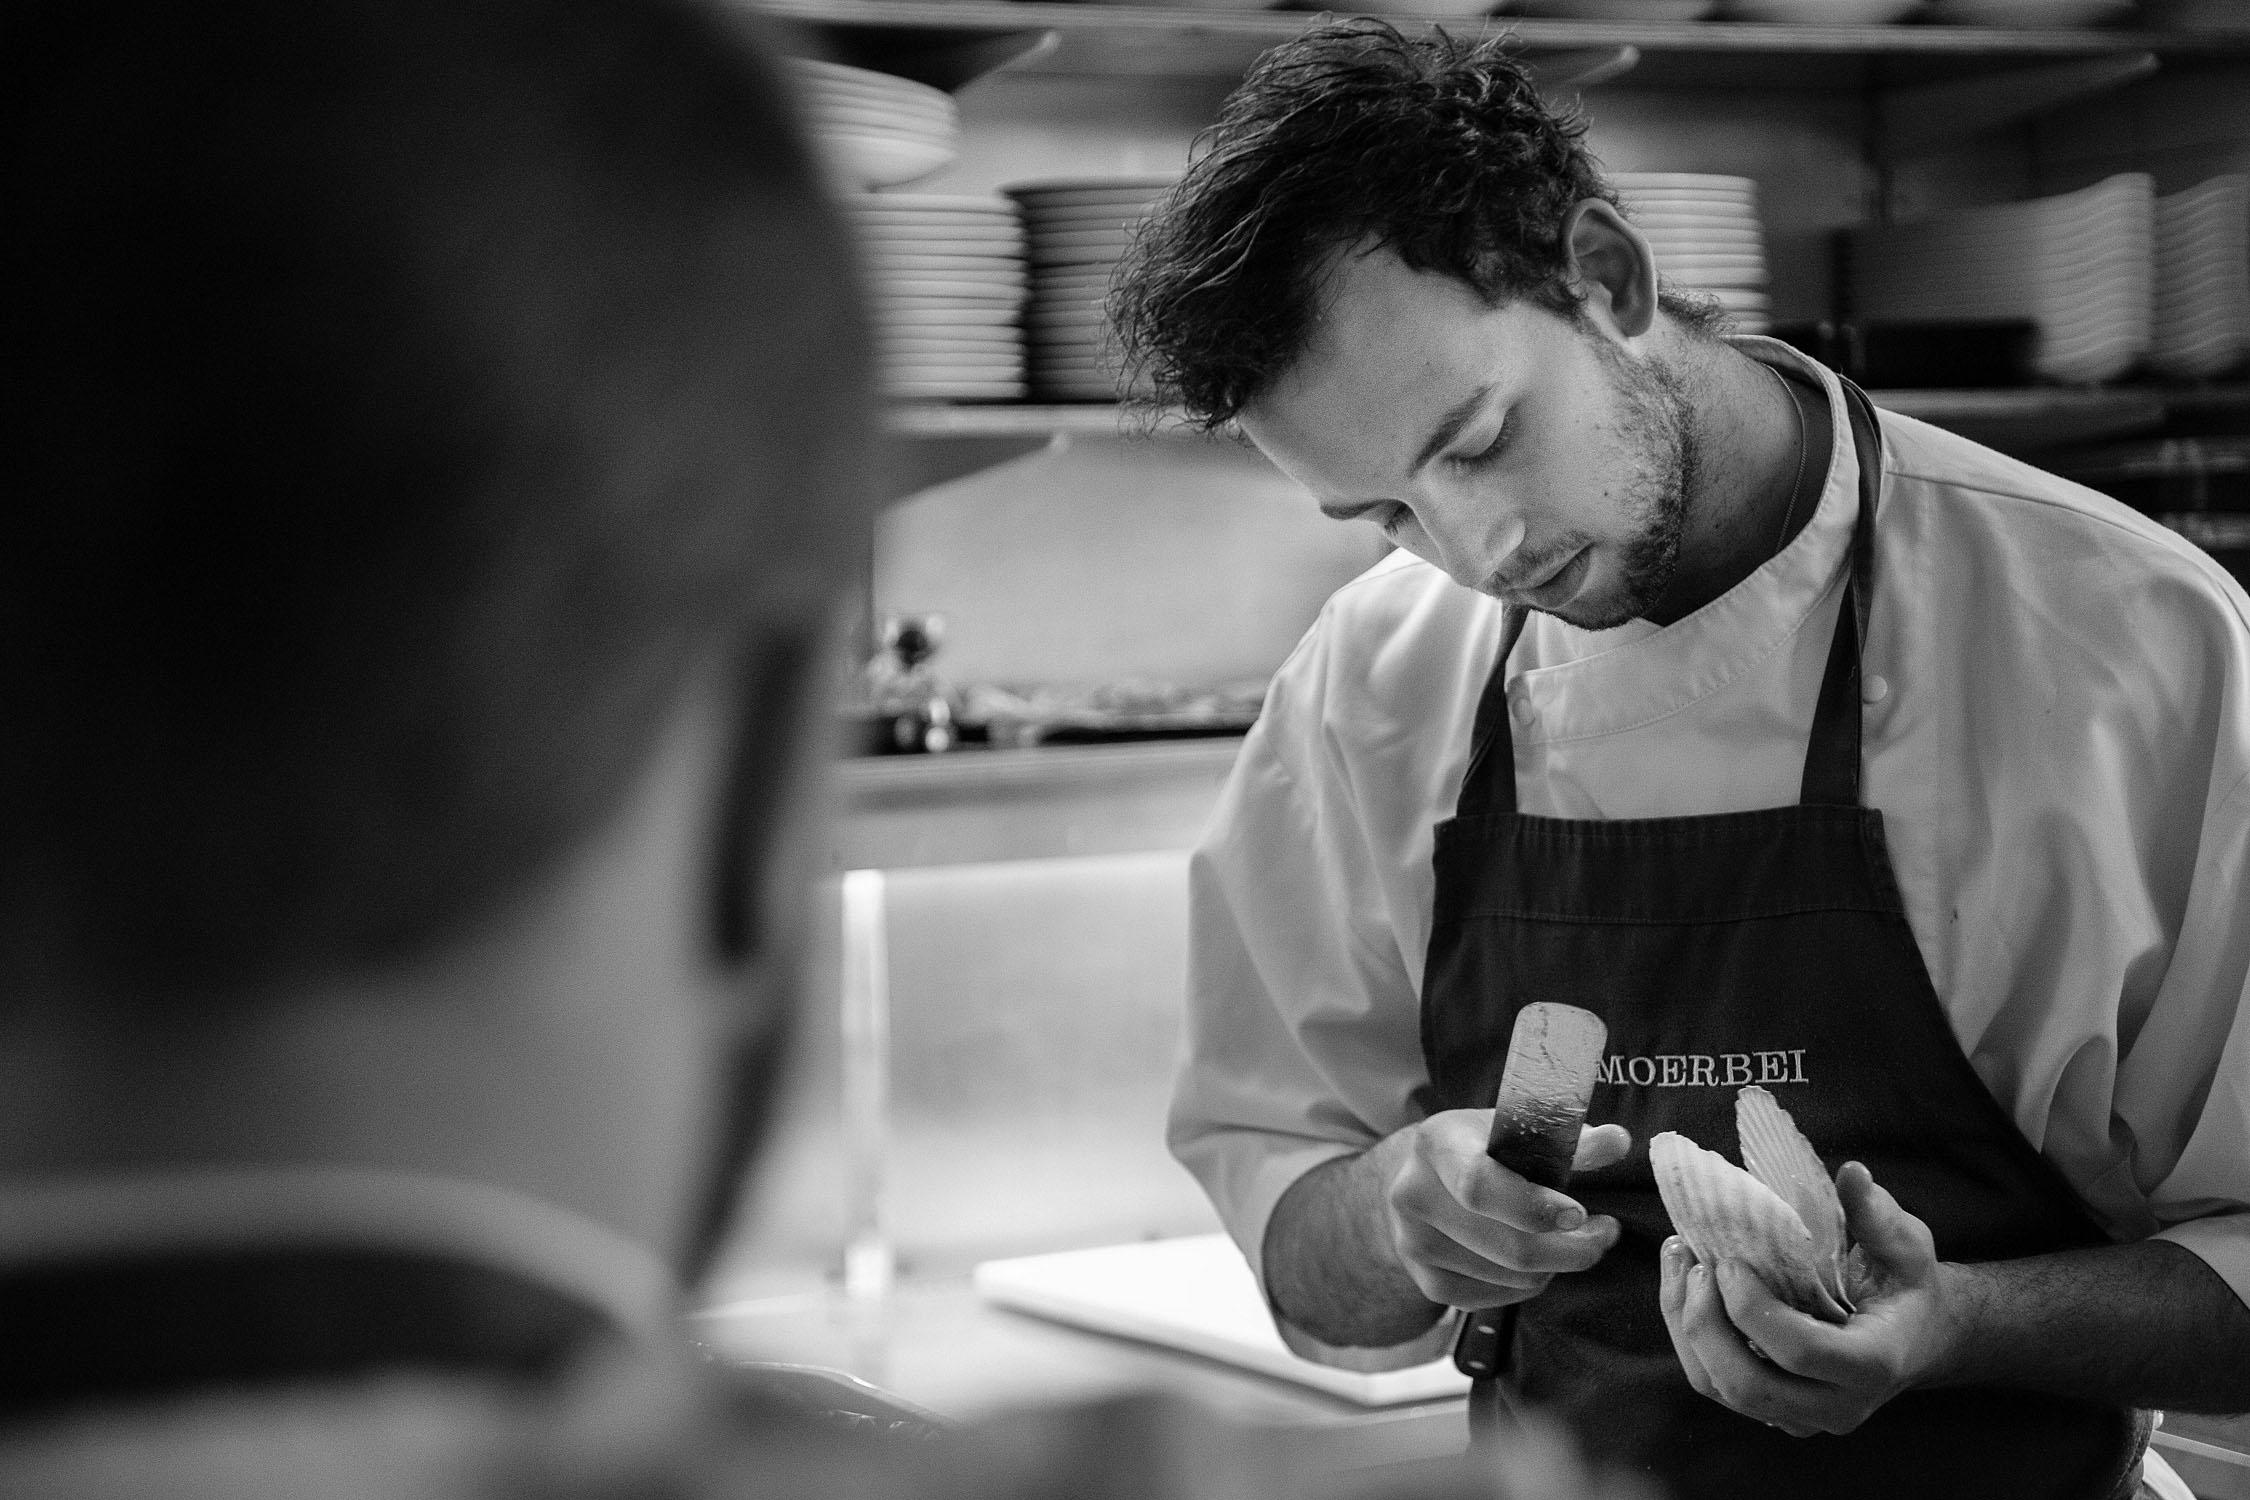 Restaurant De Moerbei-9282 hires.jpg